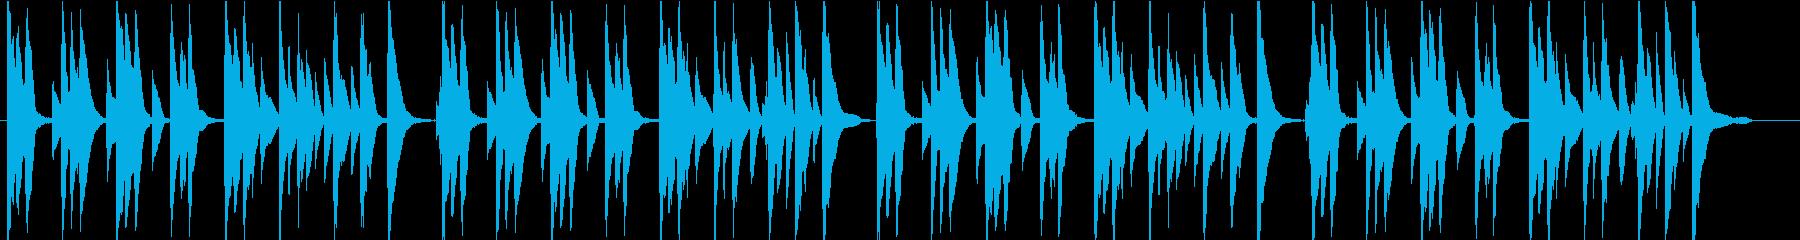 ほのぼの系 ひと休み 日常 アニメ劇伴の再生済みの波形